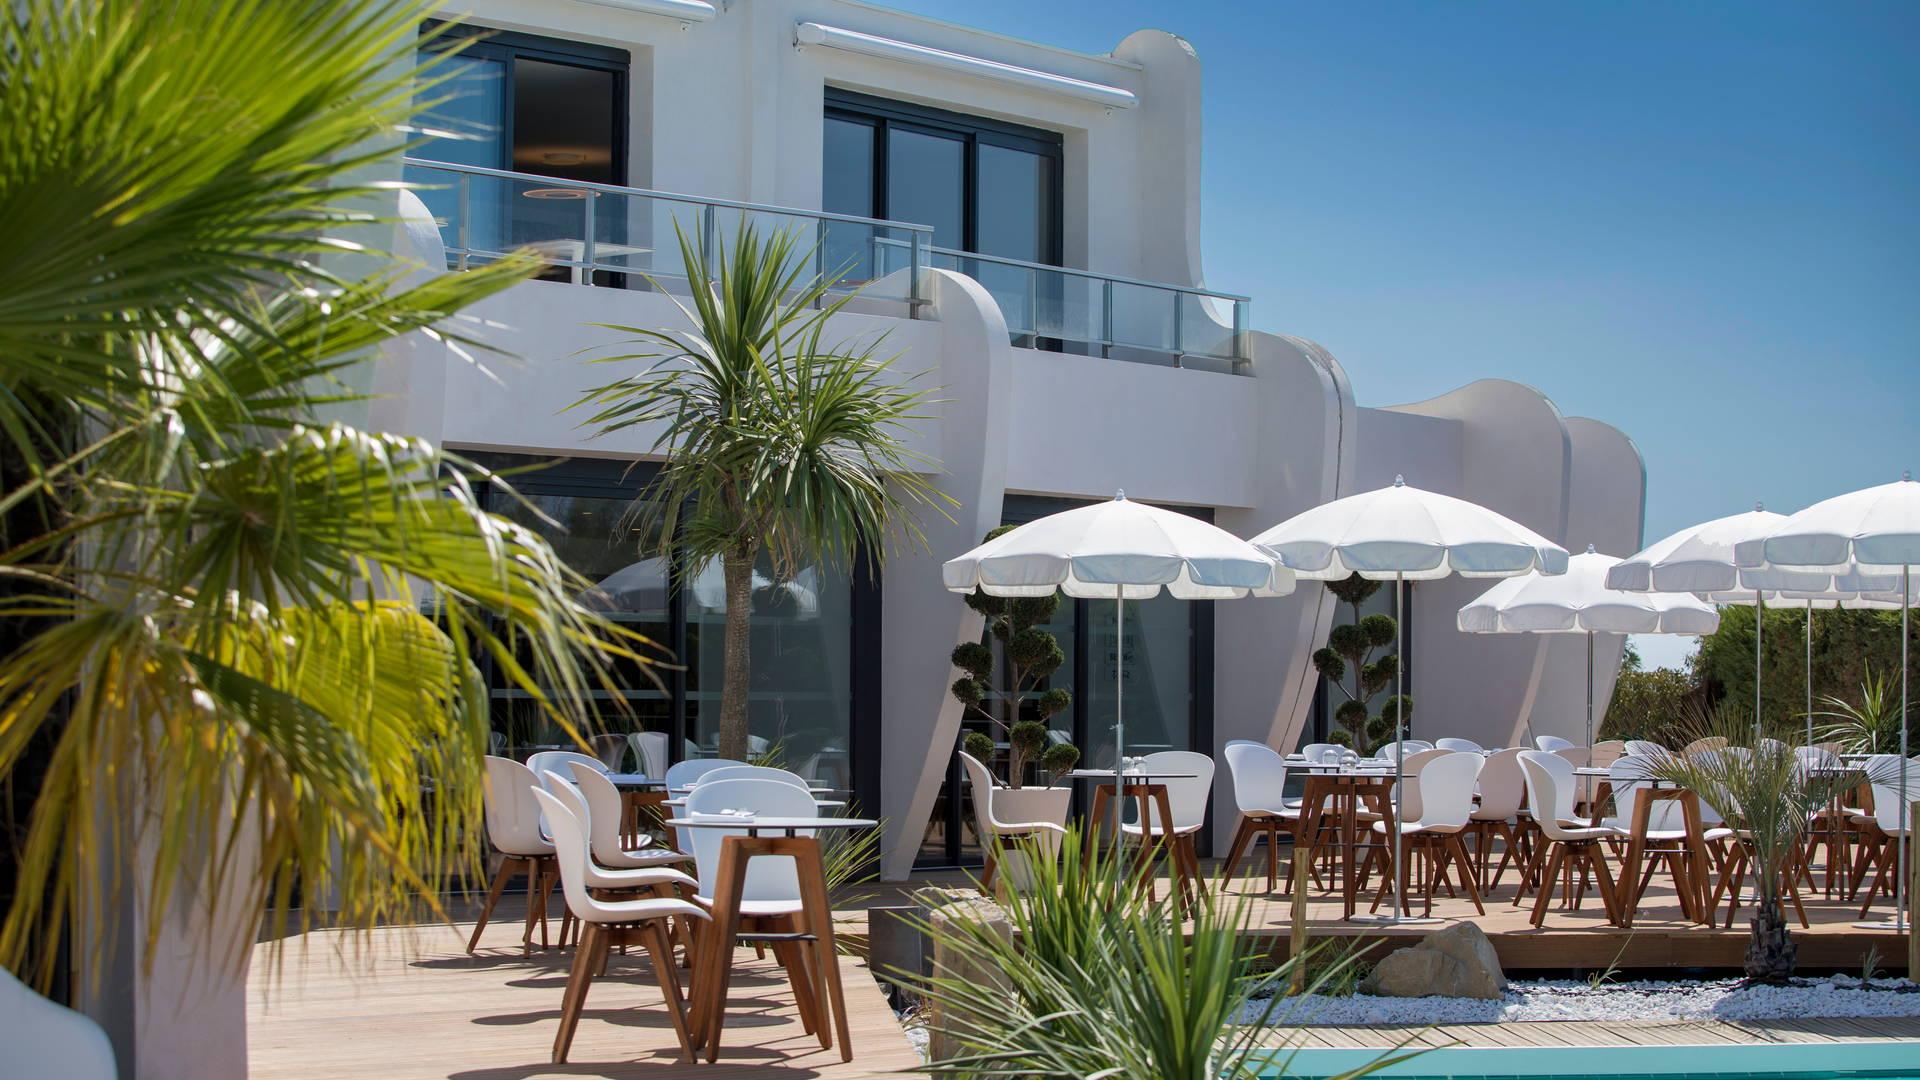 Façade de l'hôtel depuis la piscine extérieure avec terrasse extérieur du restaurant avec des parasols, hôtel la grande motte bord de mer, Hôtel La Plage.